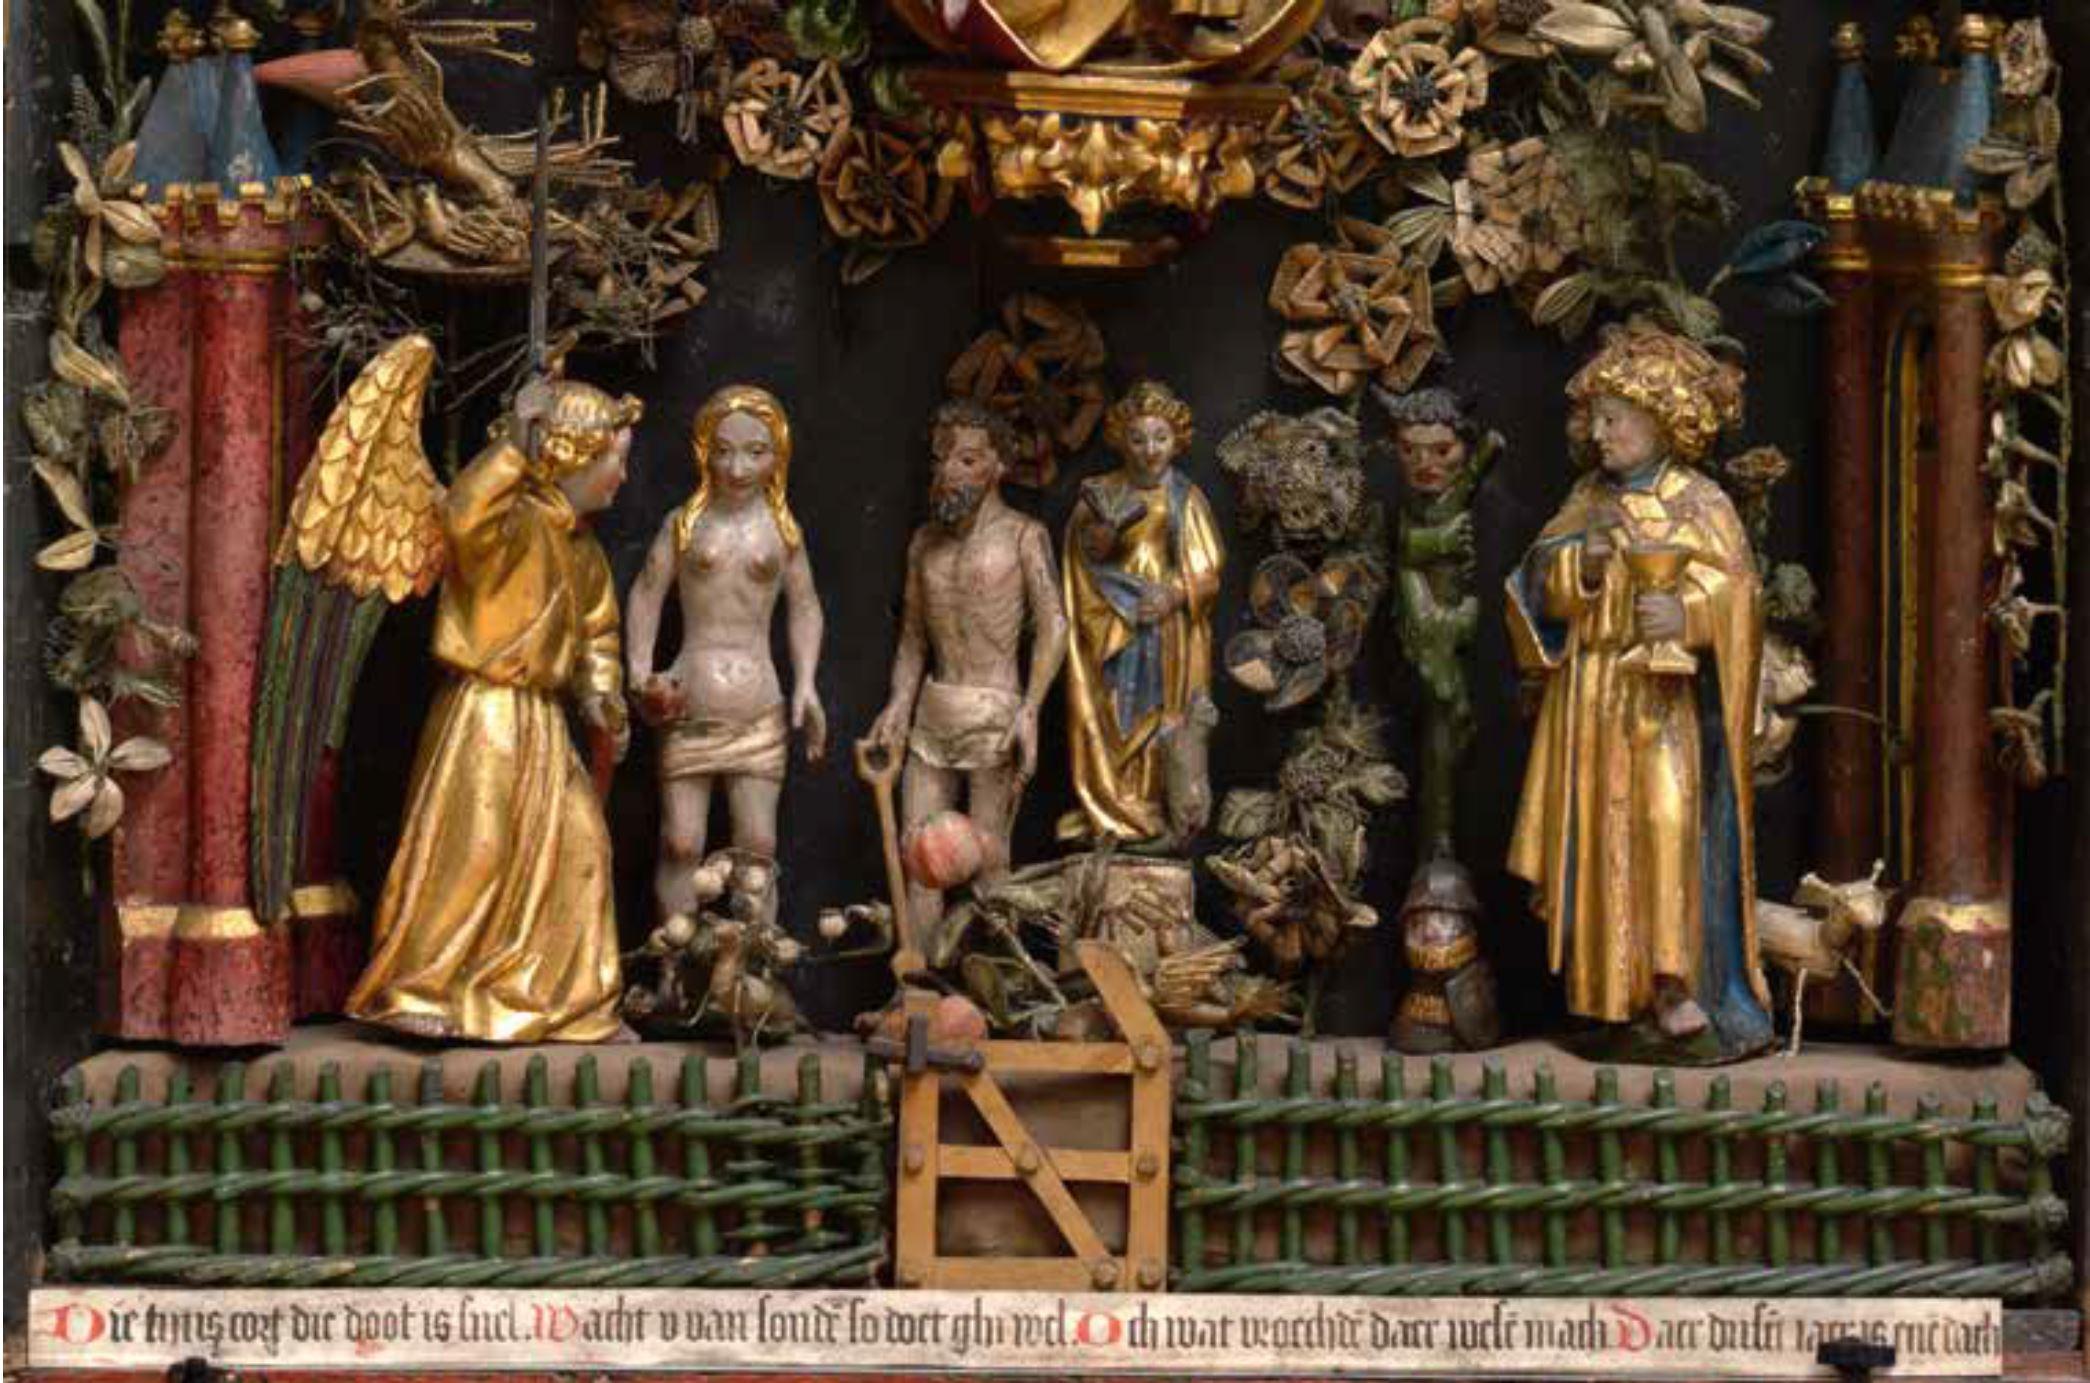 Besloten_hofje,_Anonieme_Meester,_Brabants,1500 ca Koninklijk_Museum_voor_Schone_Kunsten_Antwerpen detail